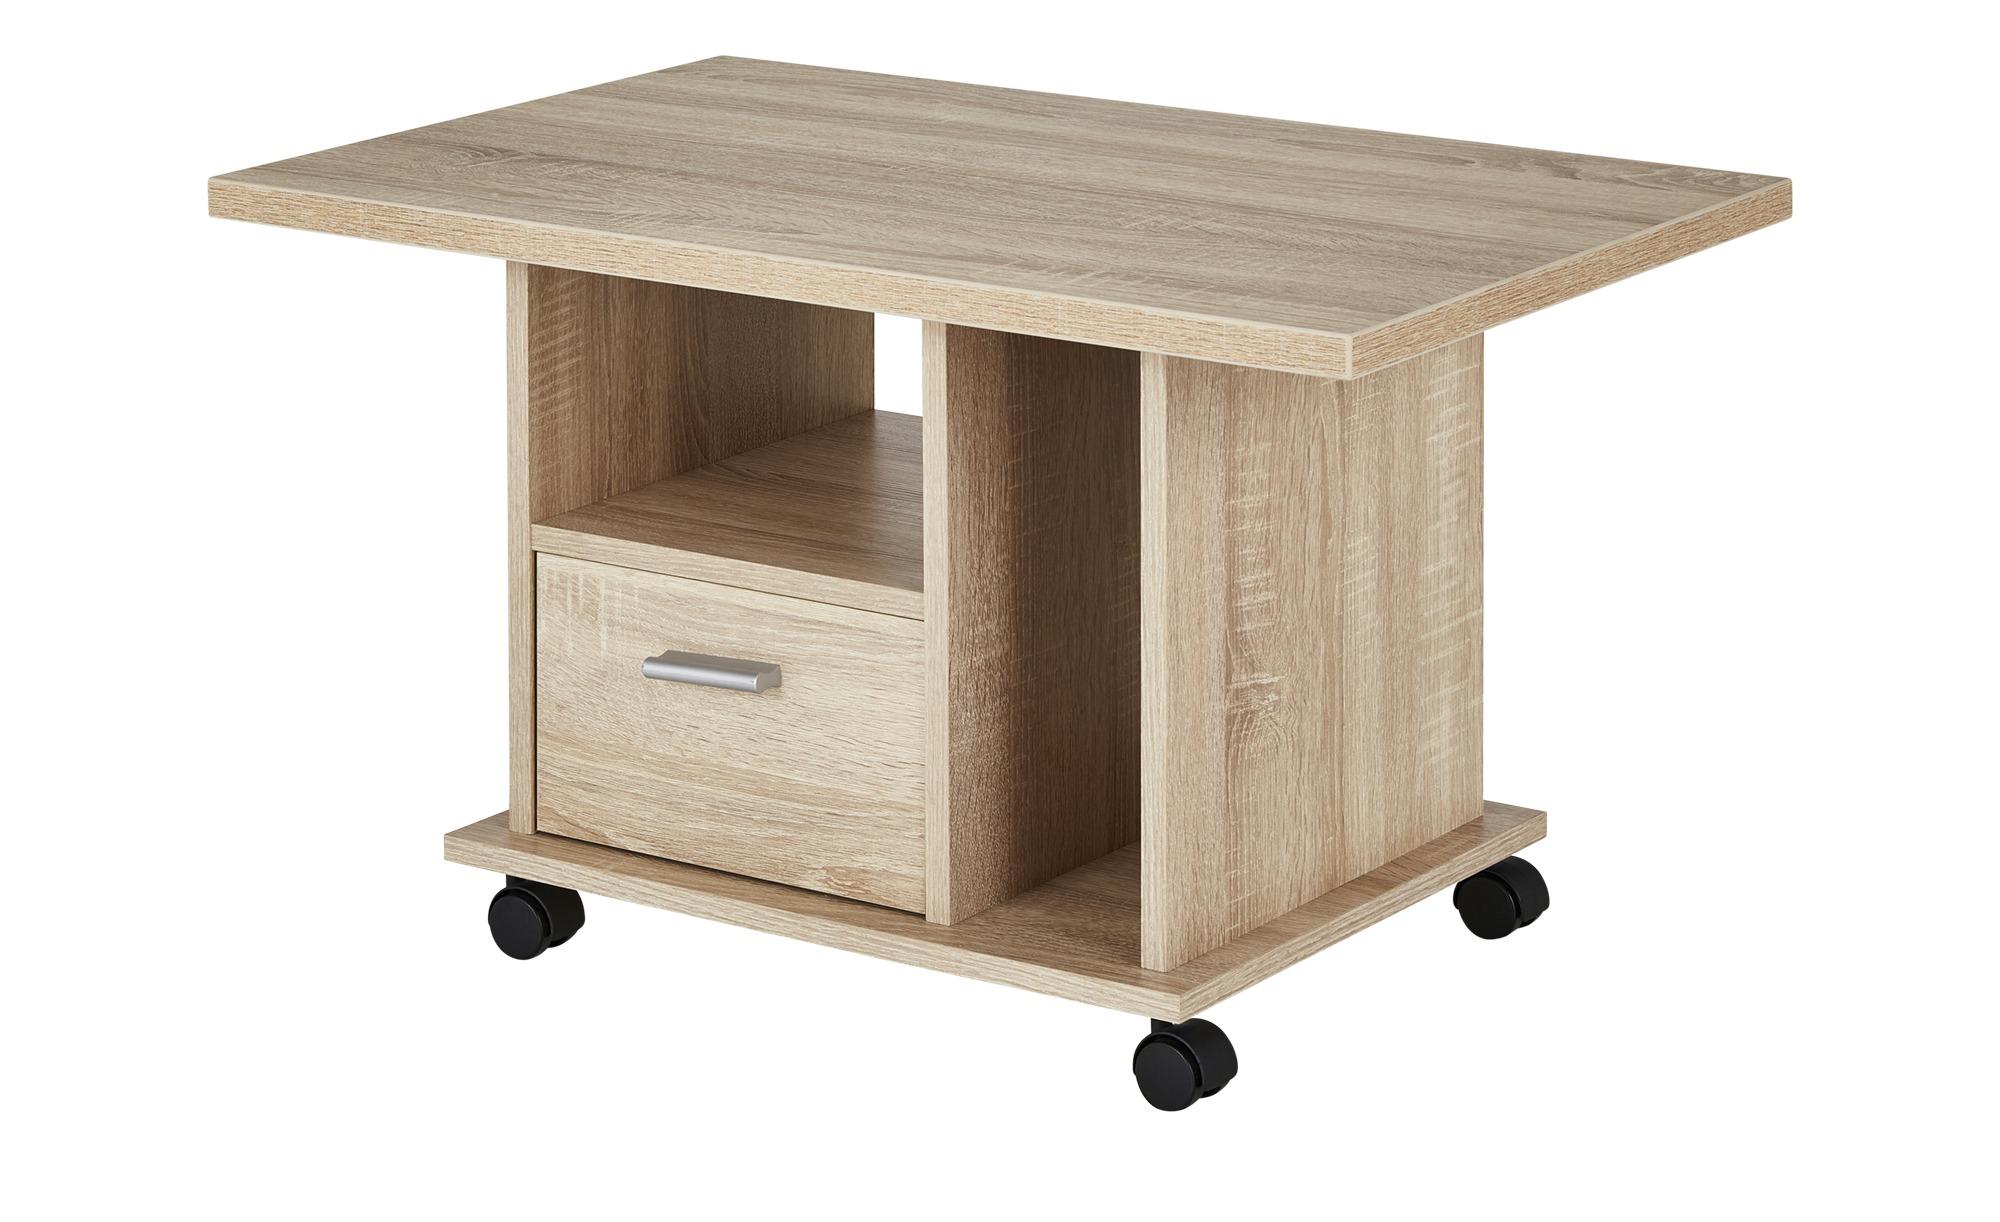 Couchtisch  Vito ¦ holzfarben ¦ Maße (cm): B: 50 H: 46 T: 50 Tische > Couchtische > Couchtische rechteckig - Höffner